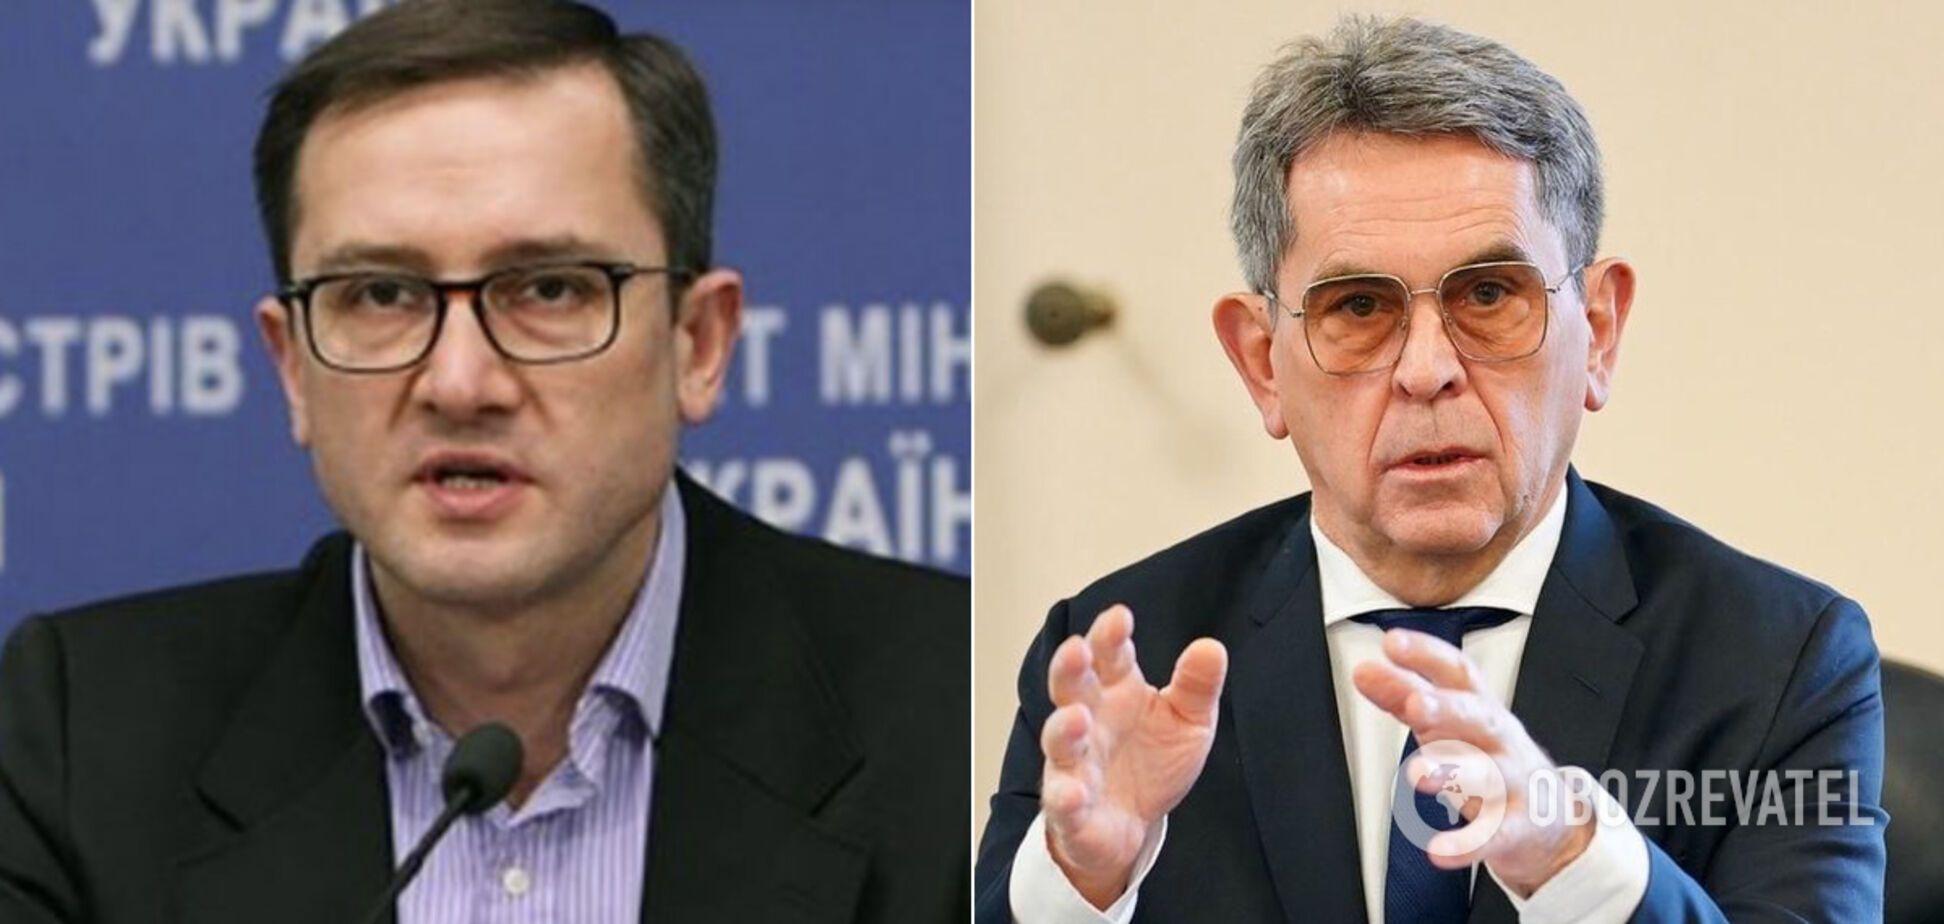 Геращенко повідомила про відставку Ємця та Уманського: у глави МОЗ спростували